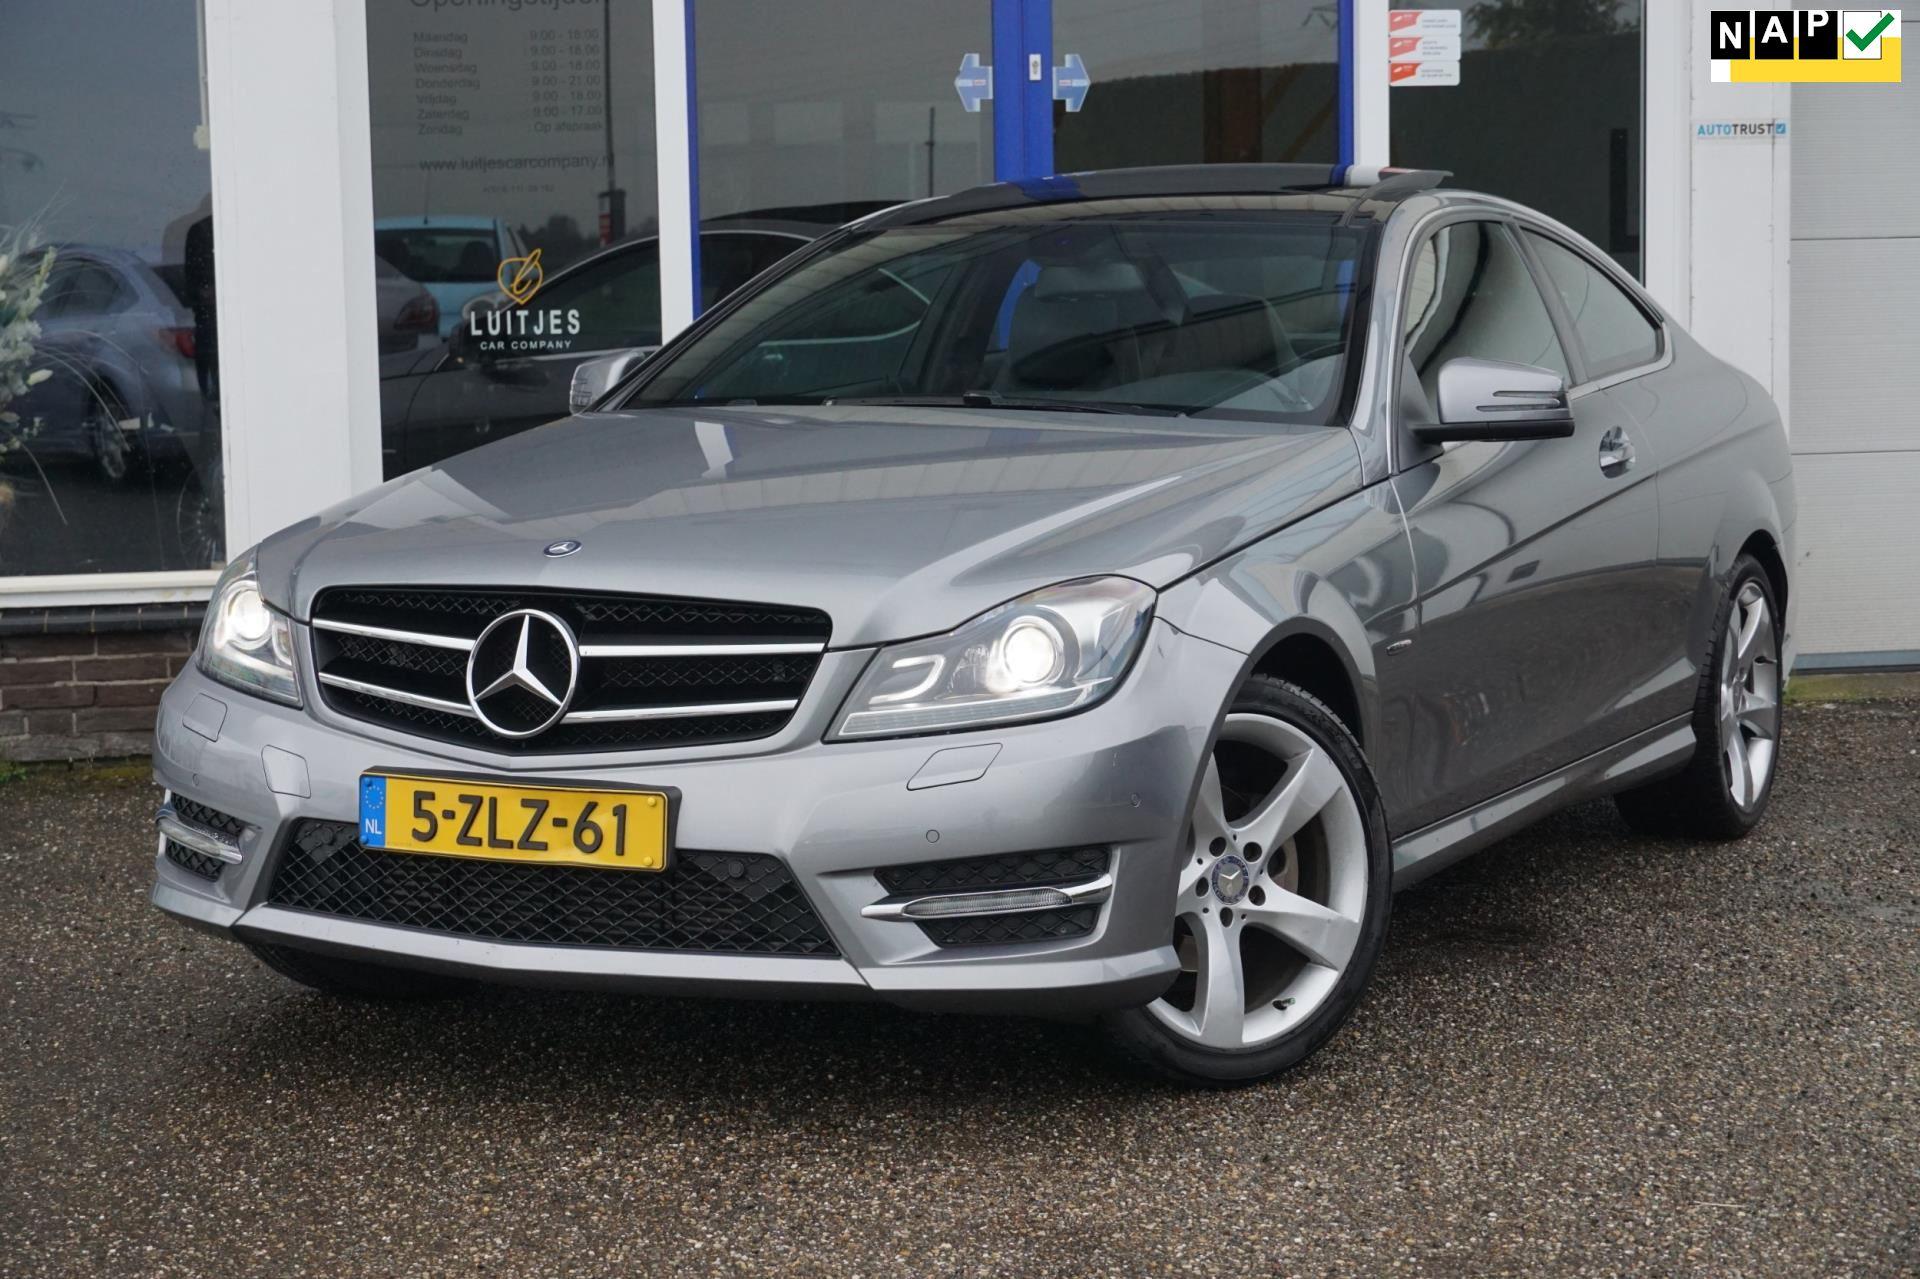 Mercedes-Benz C-klasse Coupé occasion - Luitjes Car Company